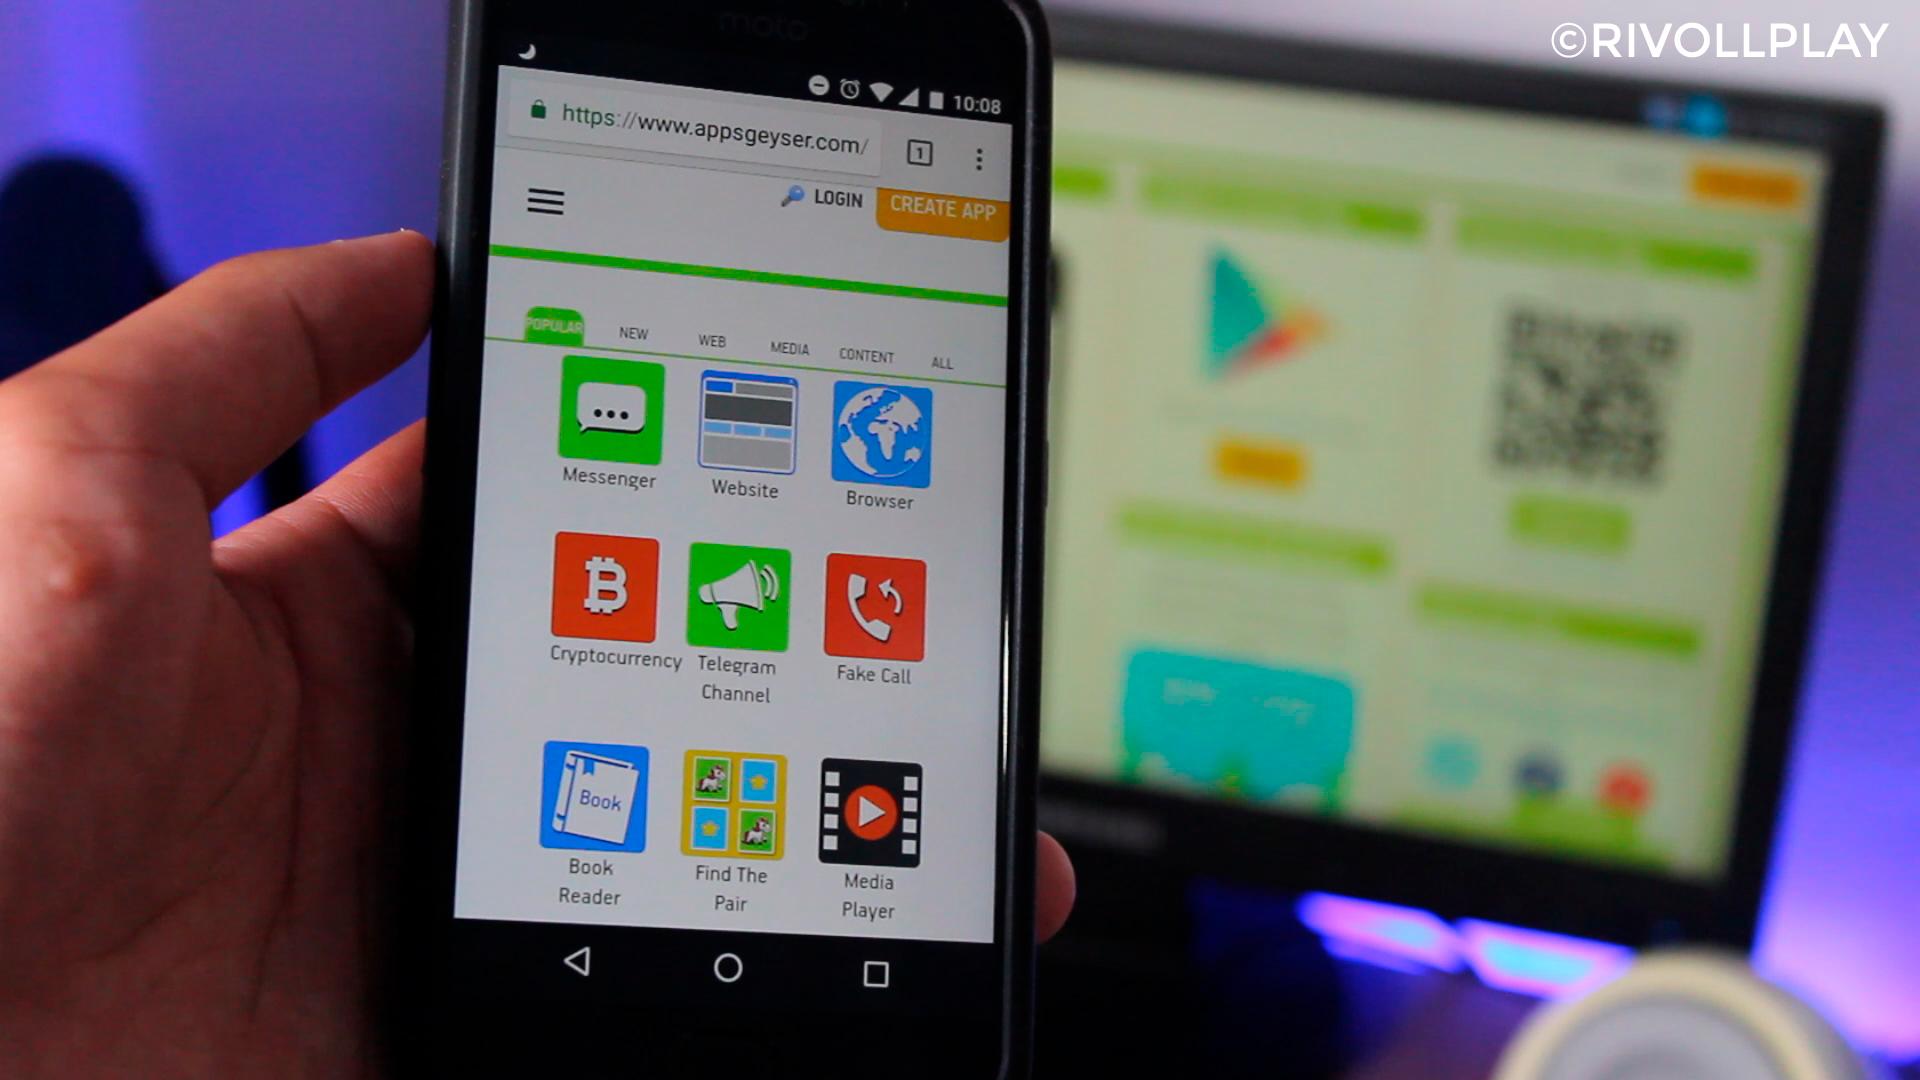 como-criar-aplicativos,rivollplay